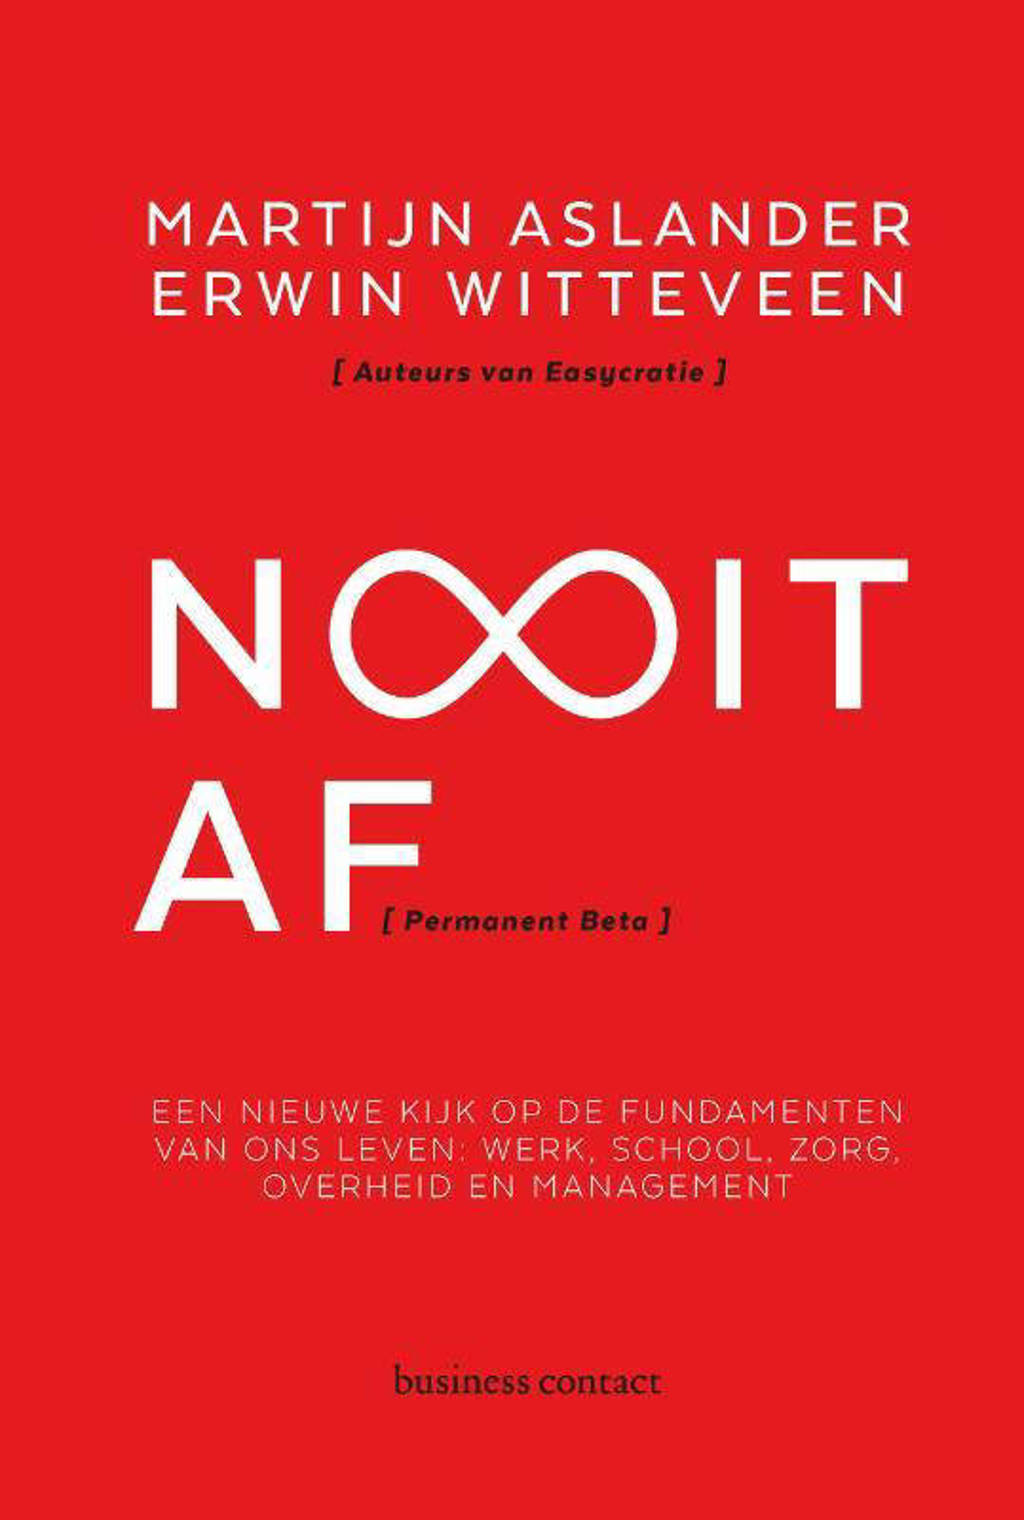 Nooit af - Martijn Aslander en Erwin Witteveen